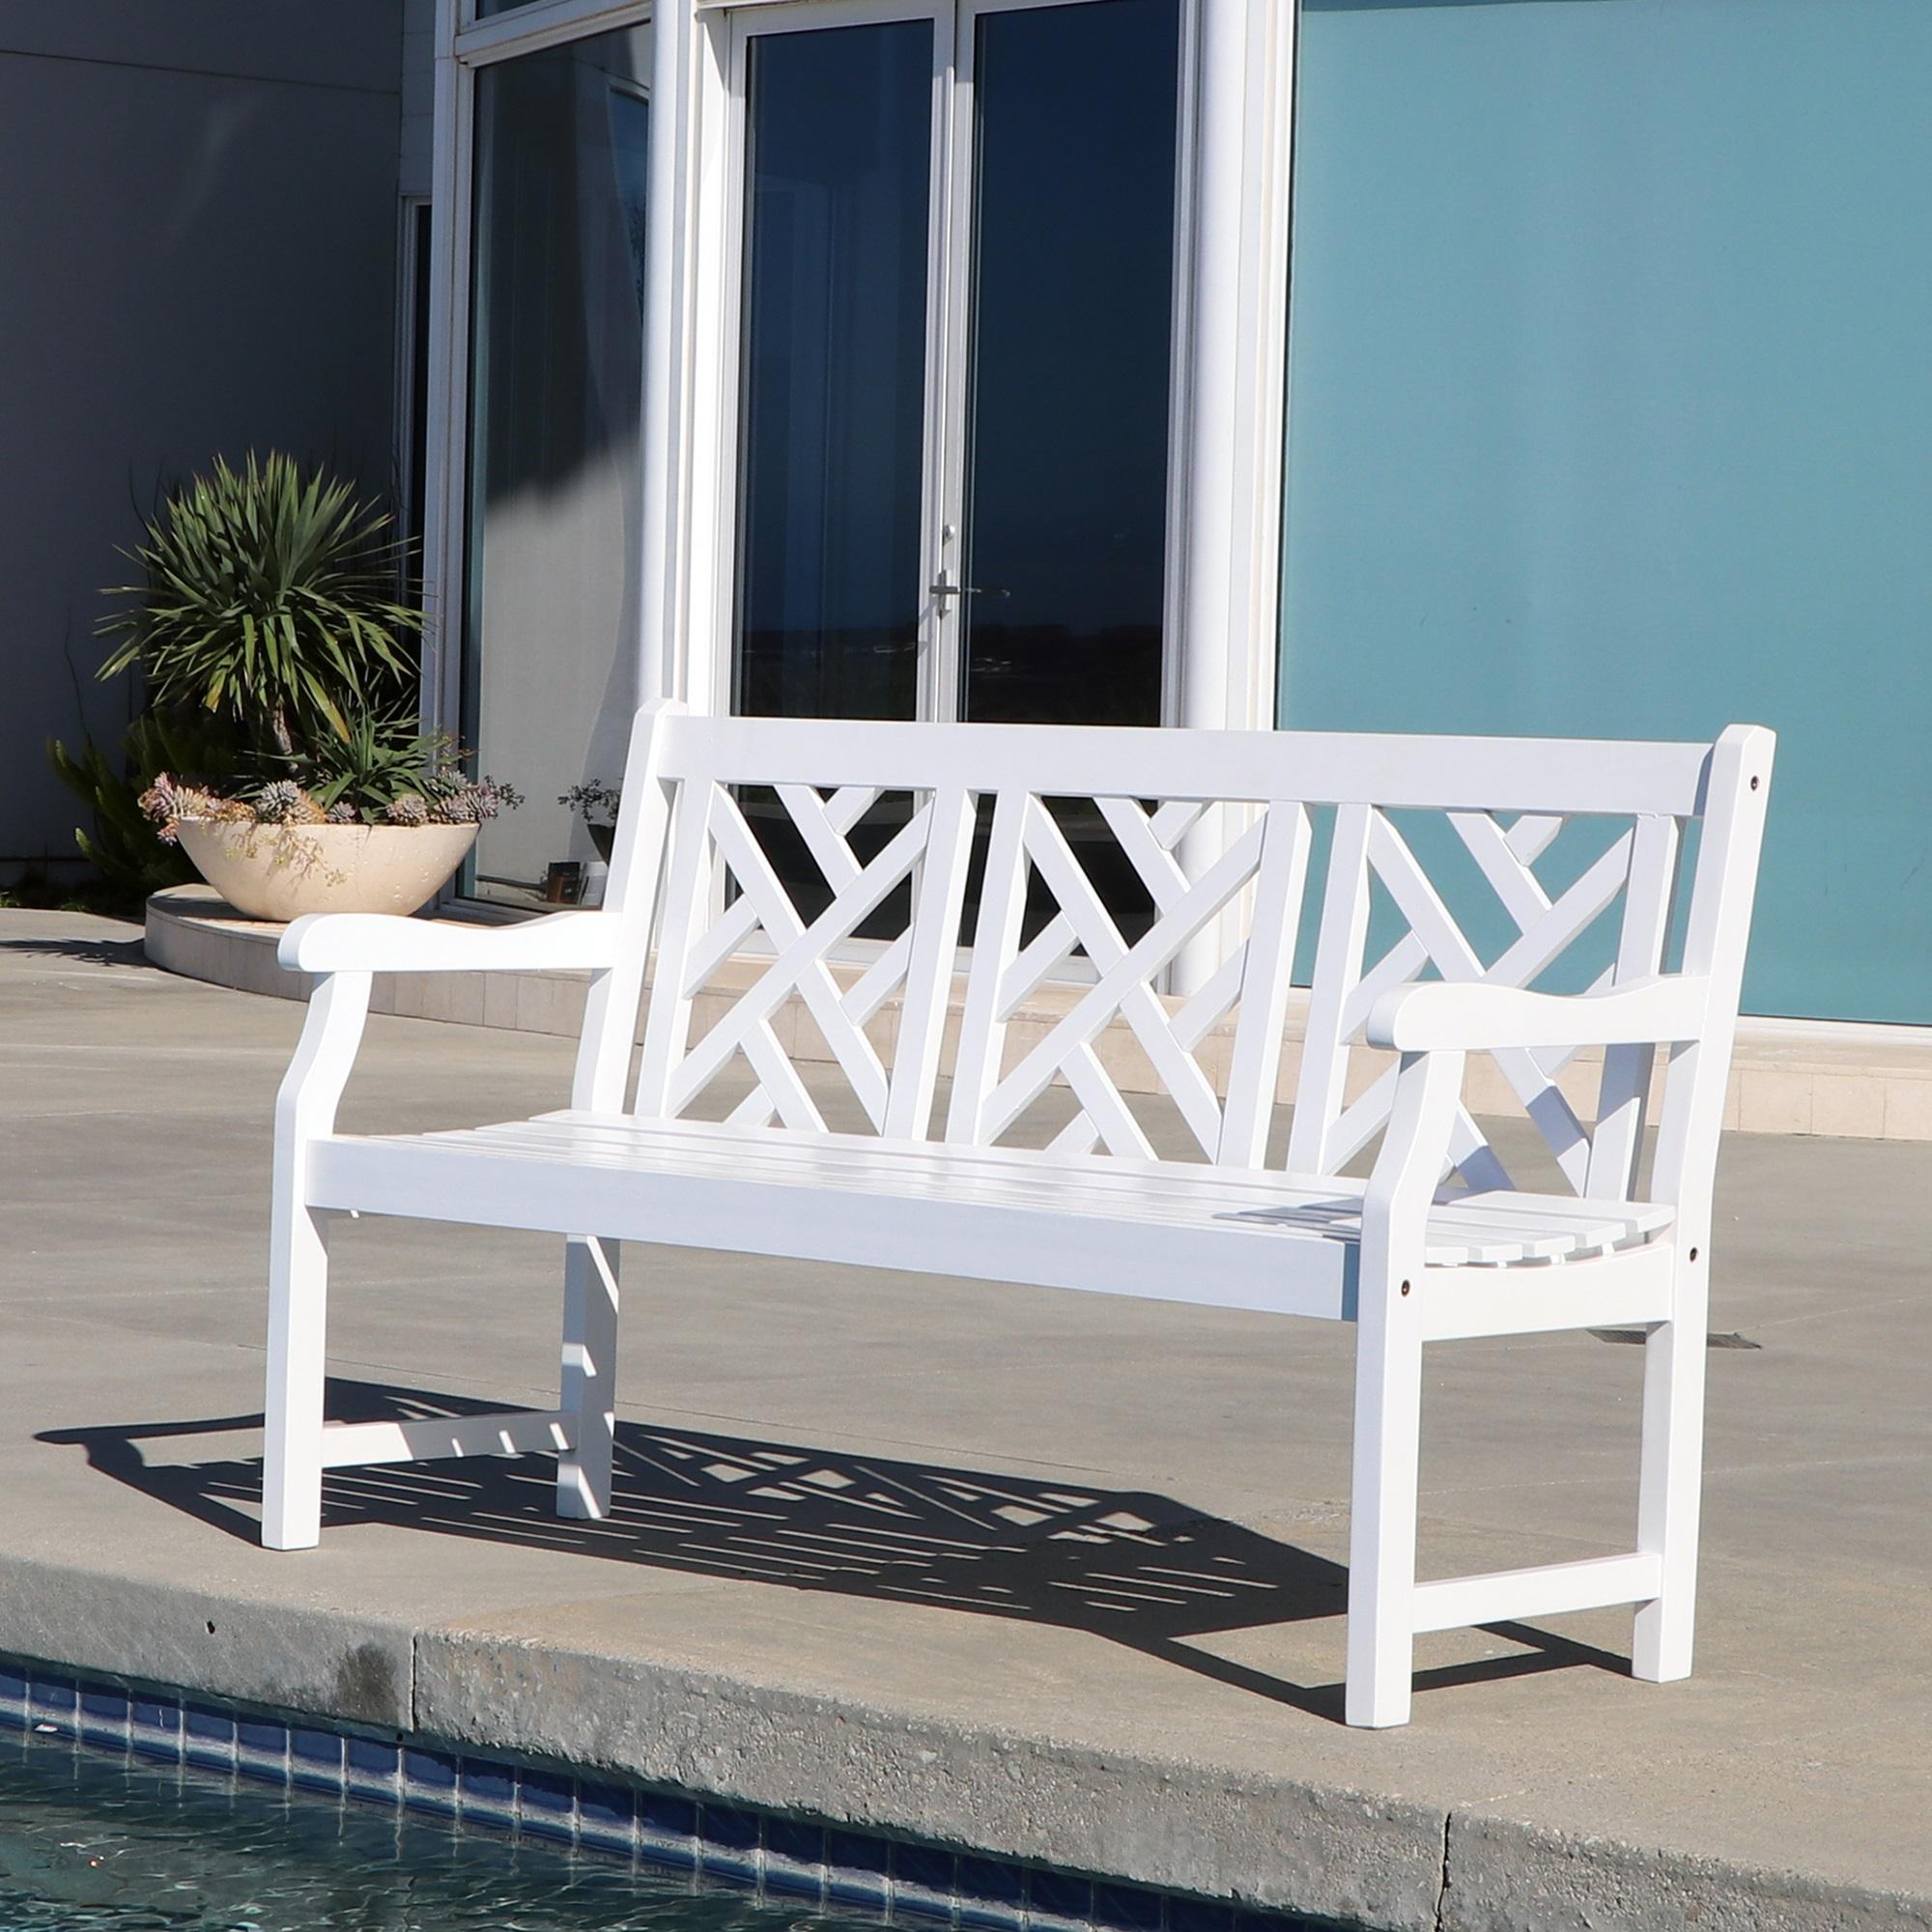 Bradley Outdoor Patio 5-foot Wood Garden Bench in White